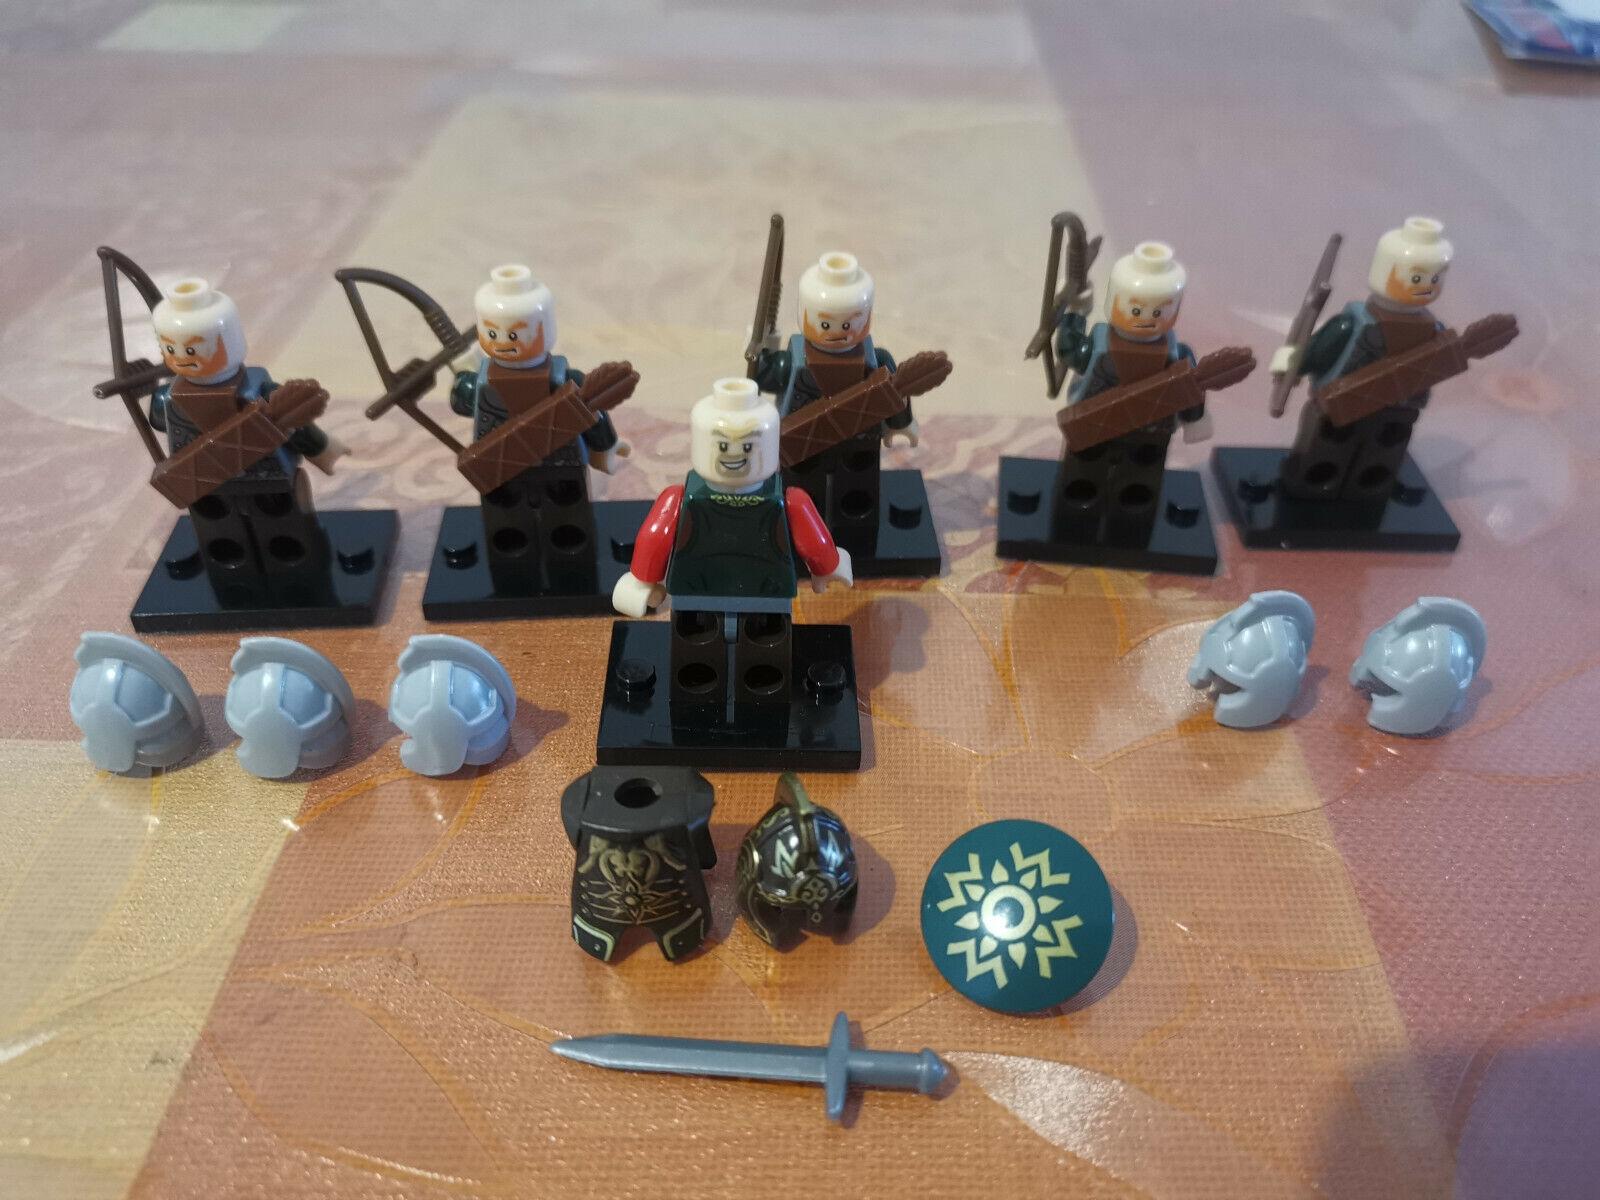 Lego Der Herr Der Ringe Der Hobbit Auswahl Nazgul Etc Figuren Theoden Spielzeug Bau Konstruktions Minifiguren